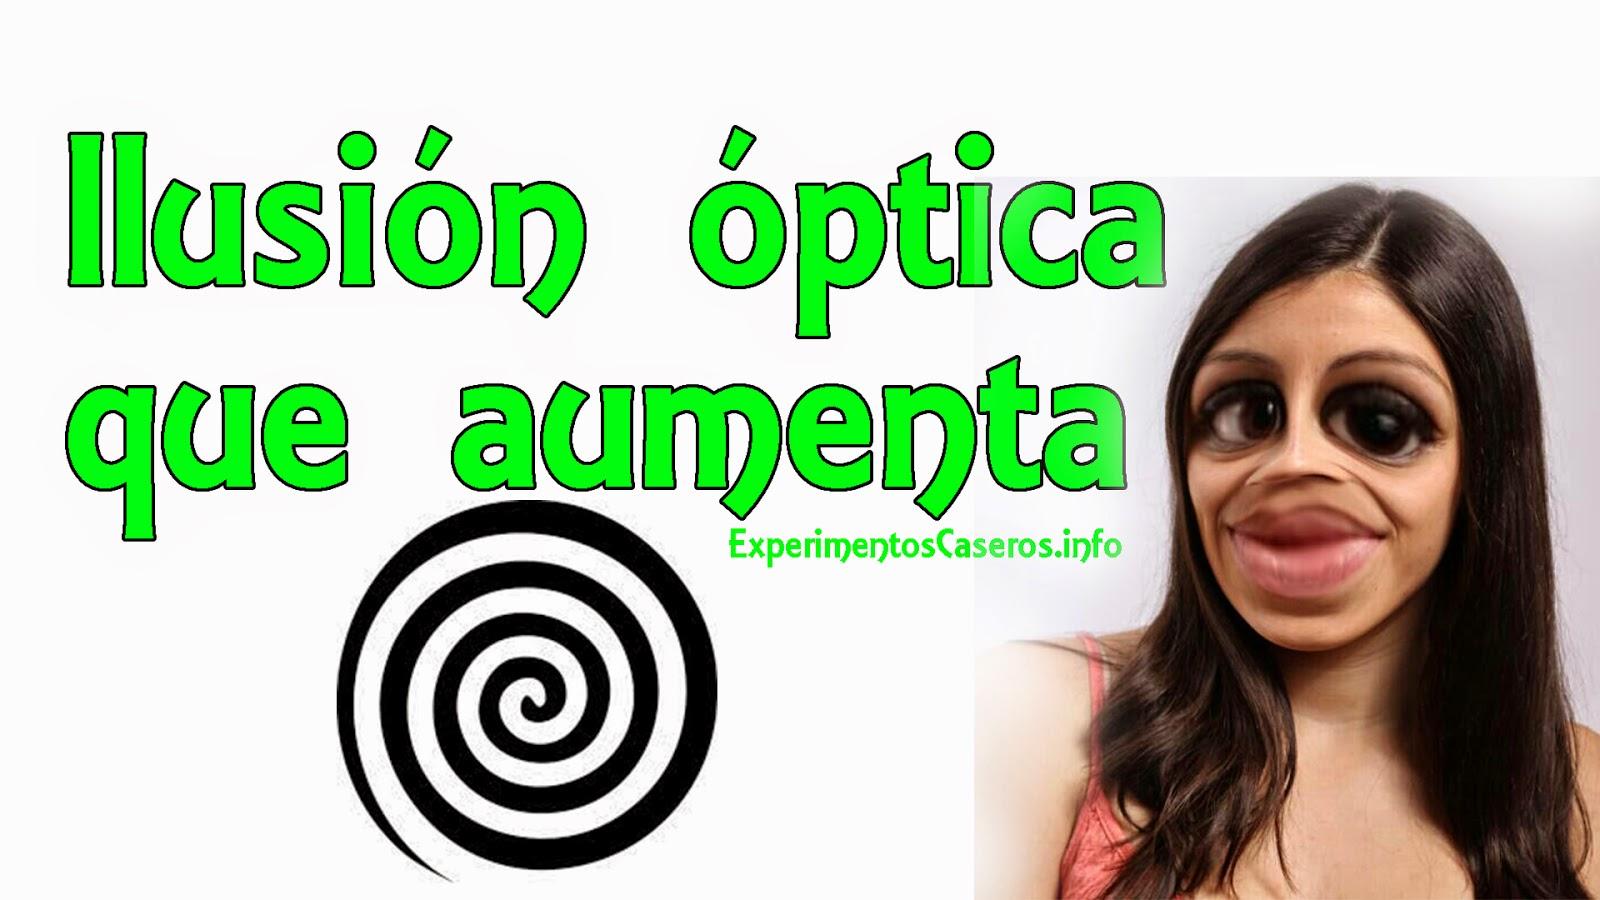 Ilusión óptica que aumentará las cosas de tamaño, ilusiones ópticas, experimentos caseros, experimentos para niños, ilusión , ilusiones, espiral, experimentos, experimento, experimentos sencillos, experimentos fáciles, inventos caseros, inventos sencillos, inventos, invento, experimentos, experimento